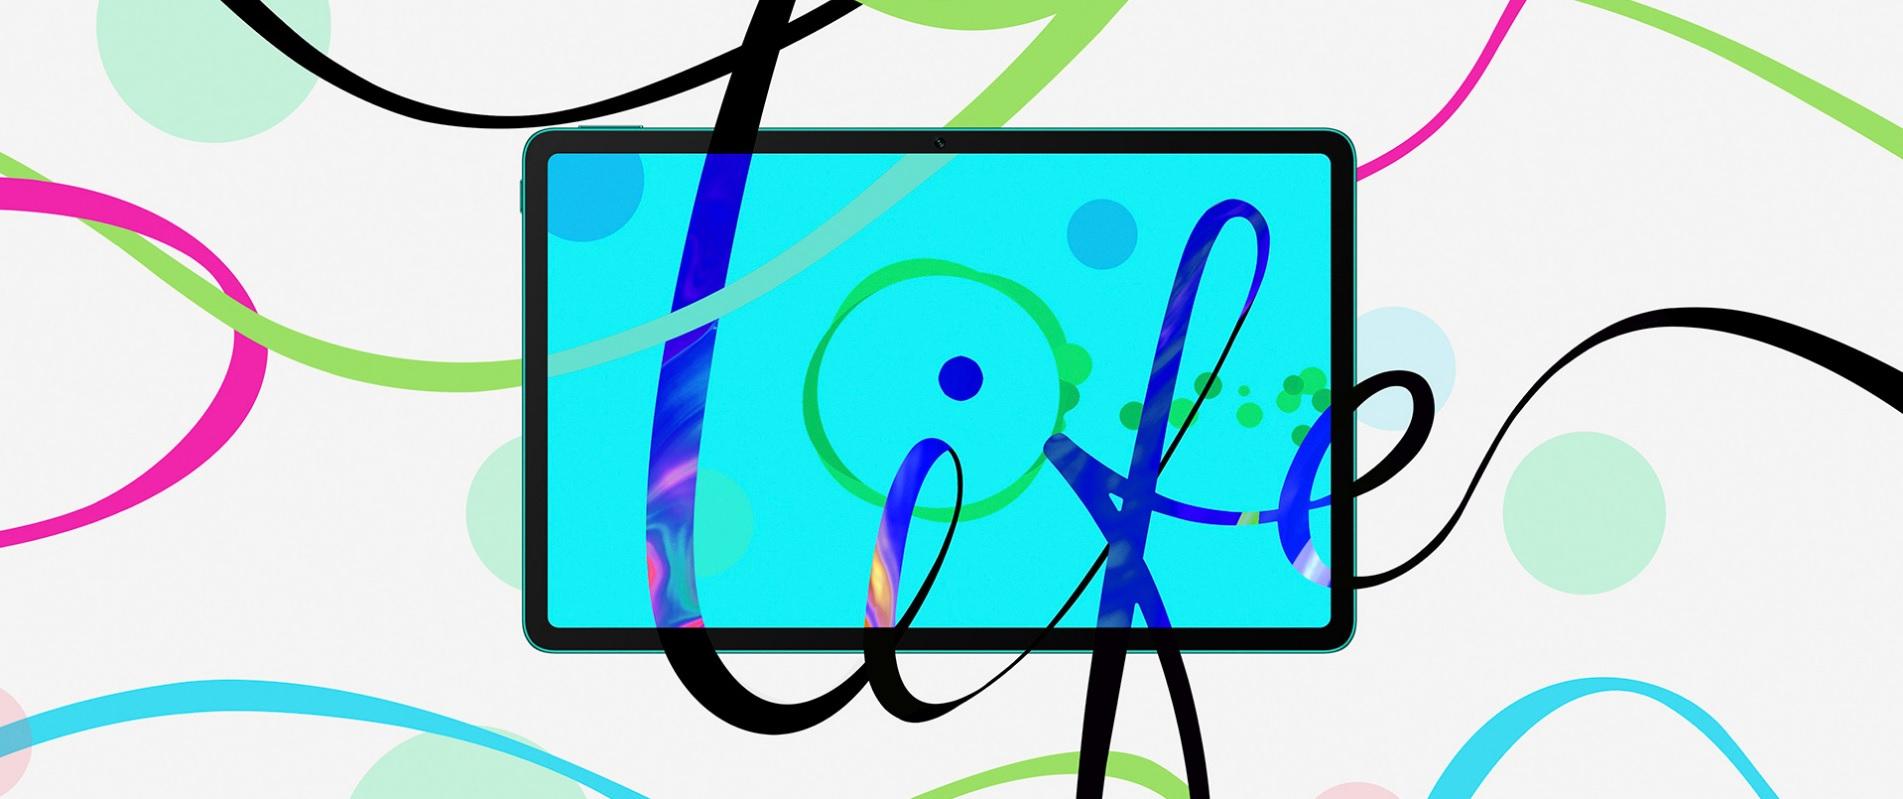 Honor Pad V6 oficjalnie. Wielozadaniowy tablet ze świetną specyfikacją 23